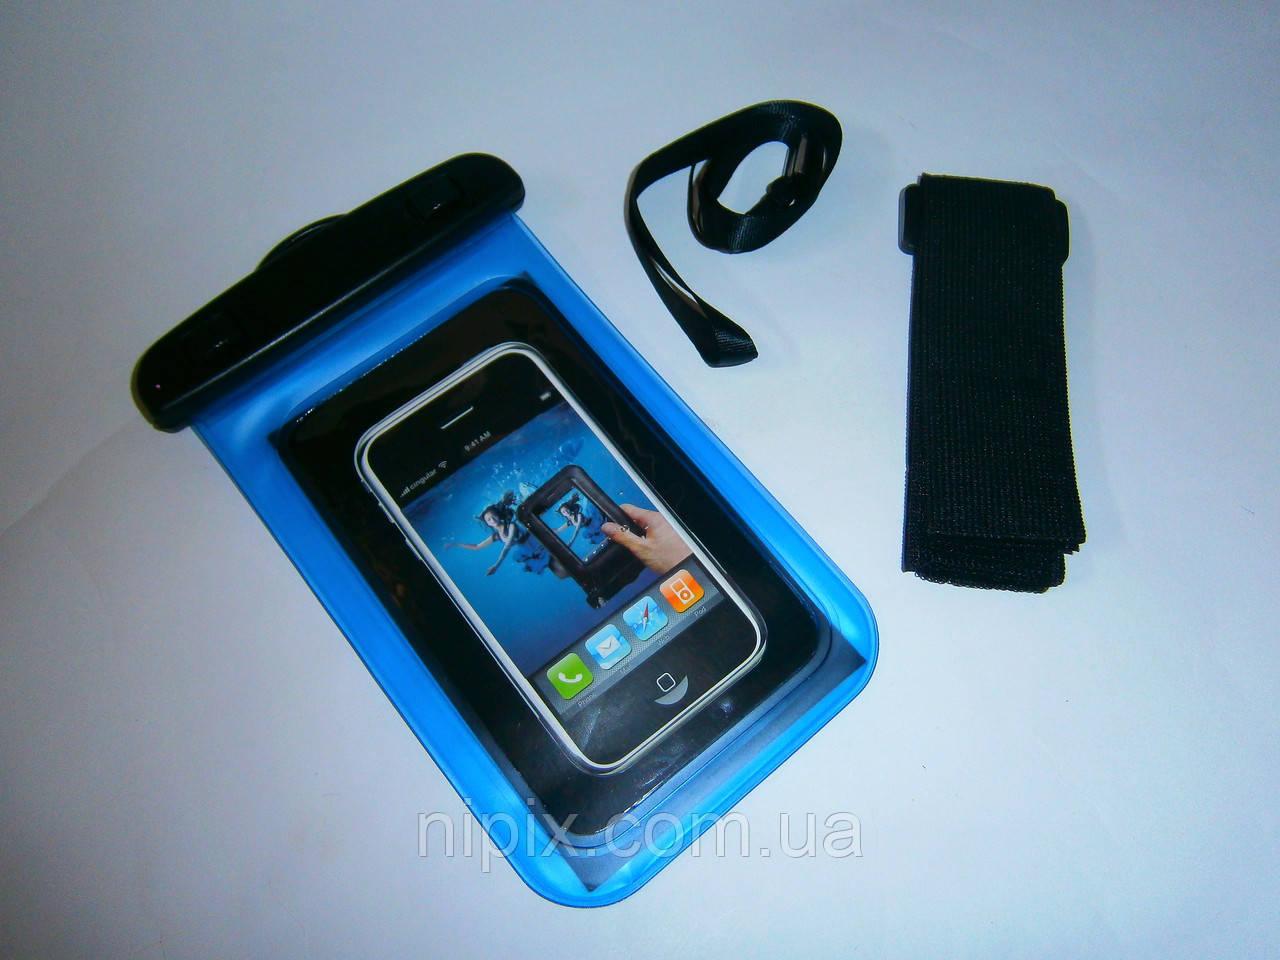 Водонепроницаемый чехол для мобильного телефона с креплением на руку